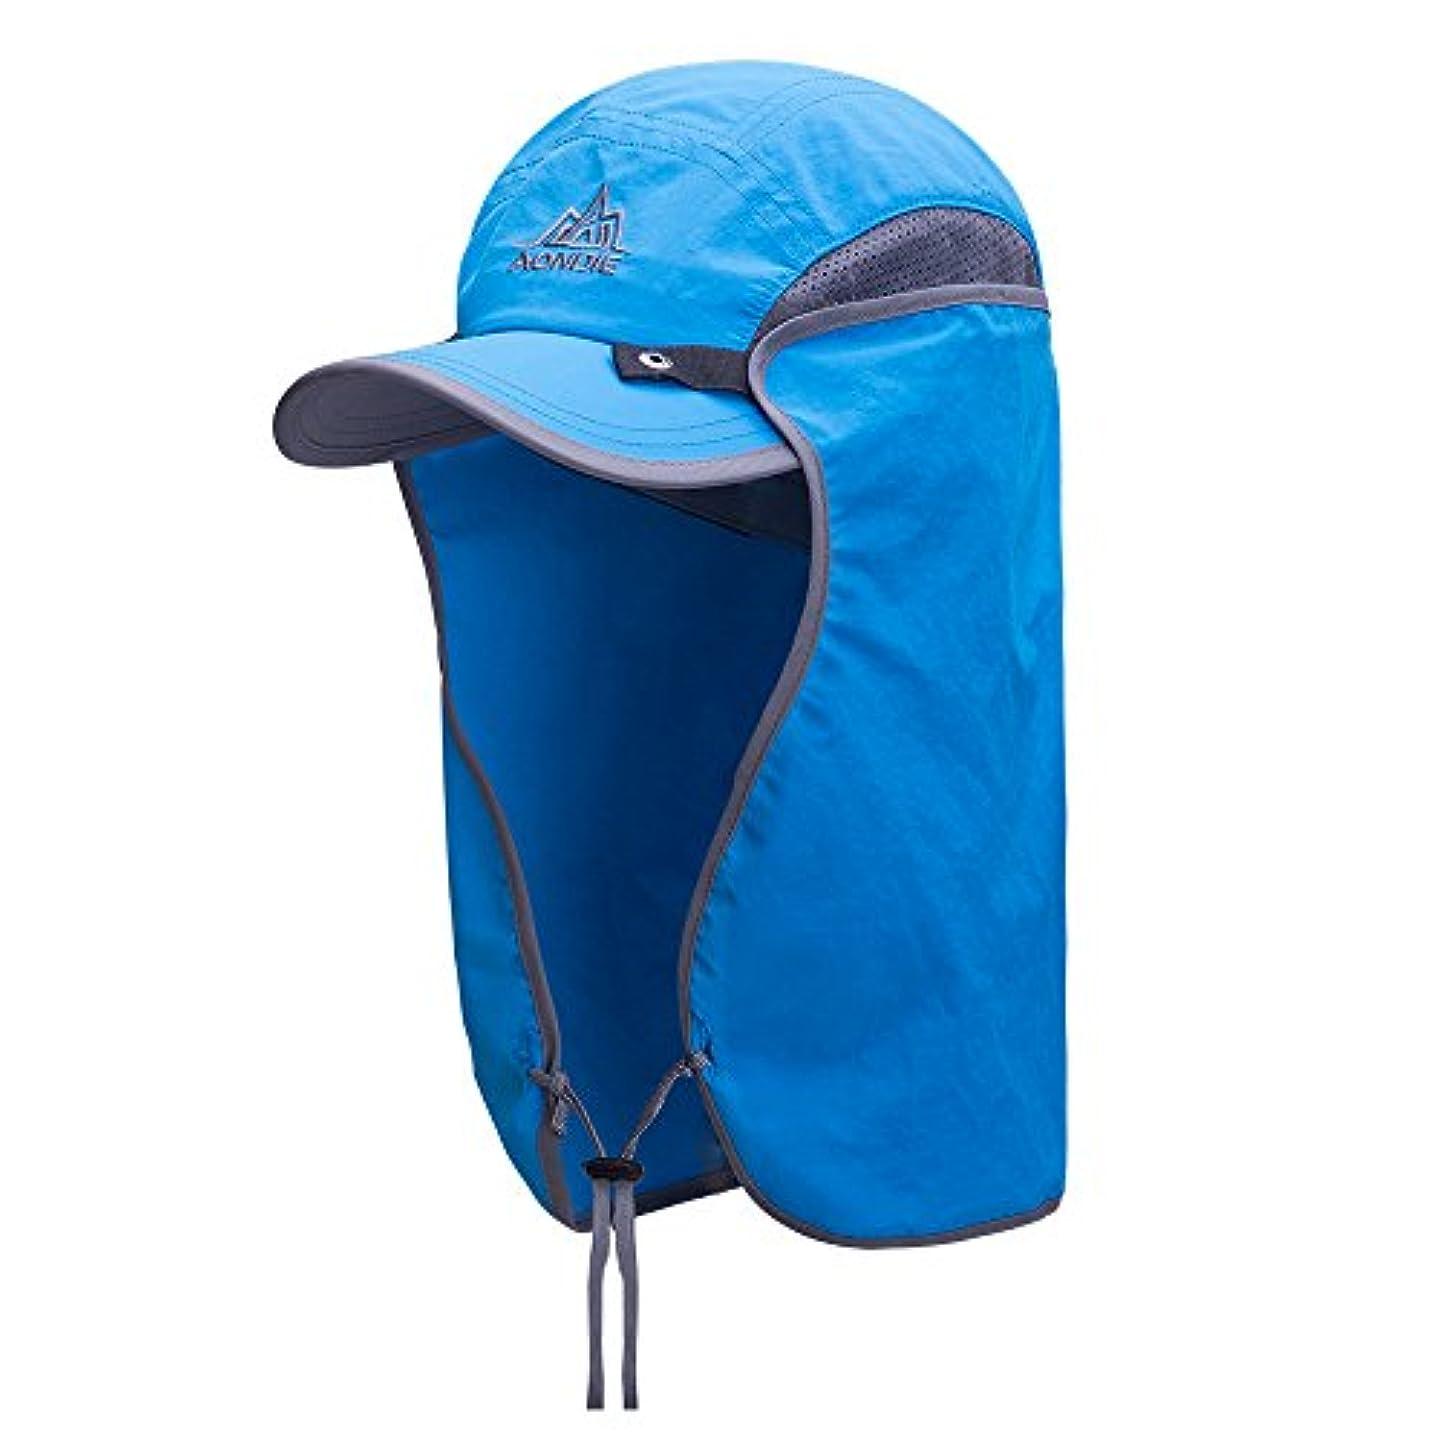 自我伝える告発AONIJIE 帽子 日焼け防止 紫外線対策 UVカット UPF50+ 通気 速乾 汗吸収 首ガード 顎ひも 登山 釣り ゴルフ